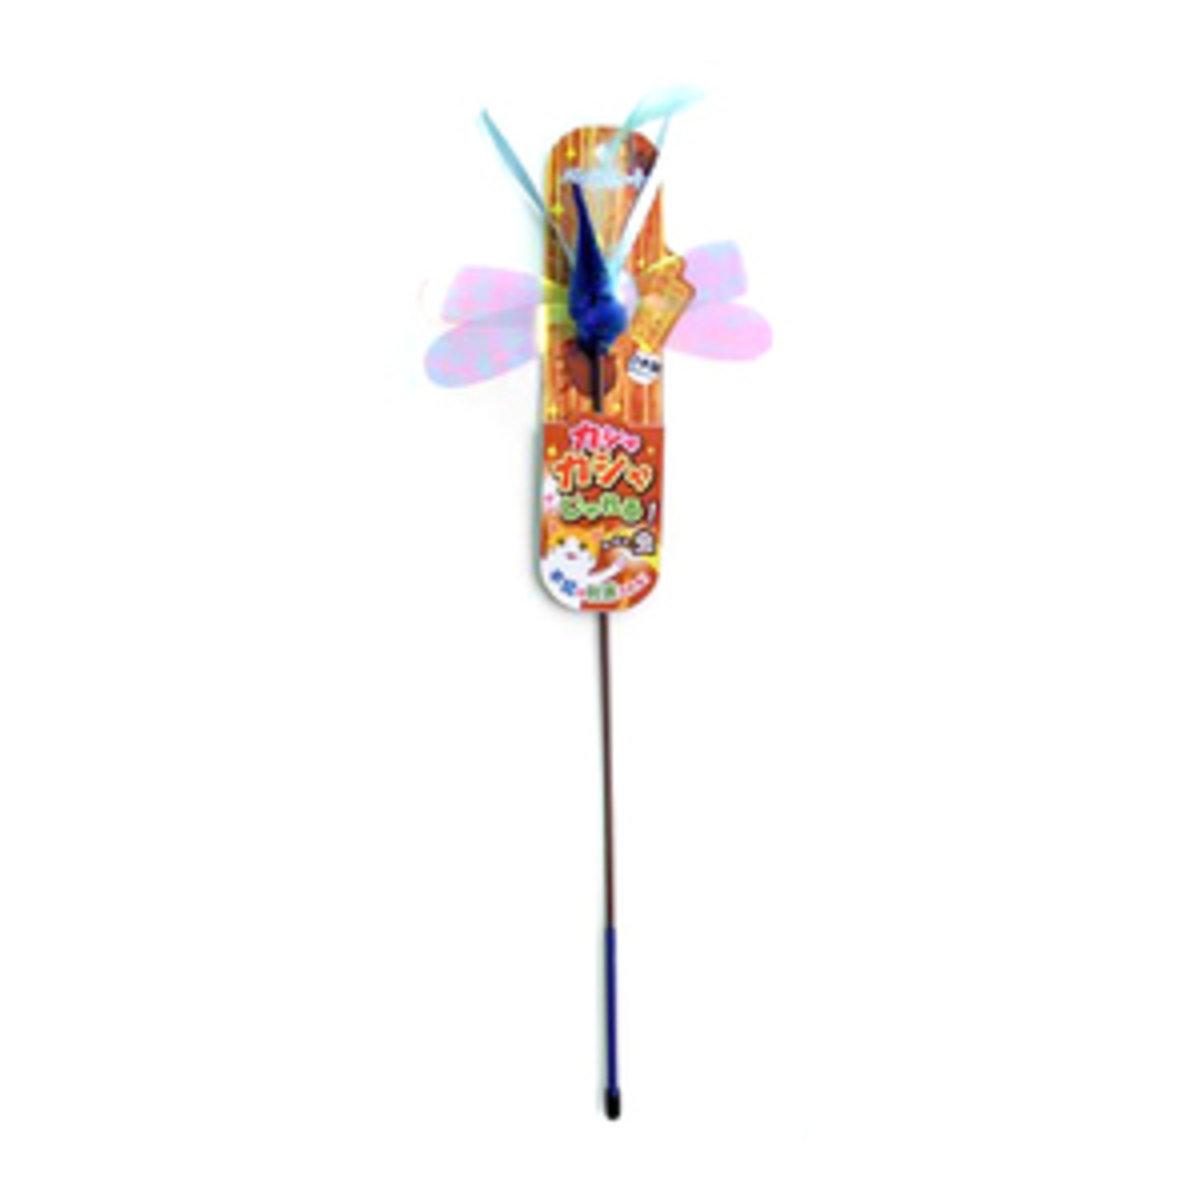 幻彩蜻蜓逗貓棒